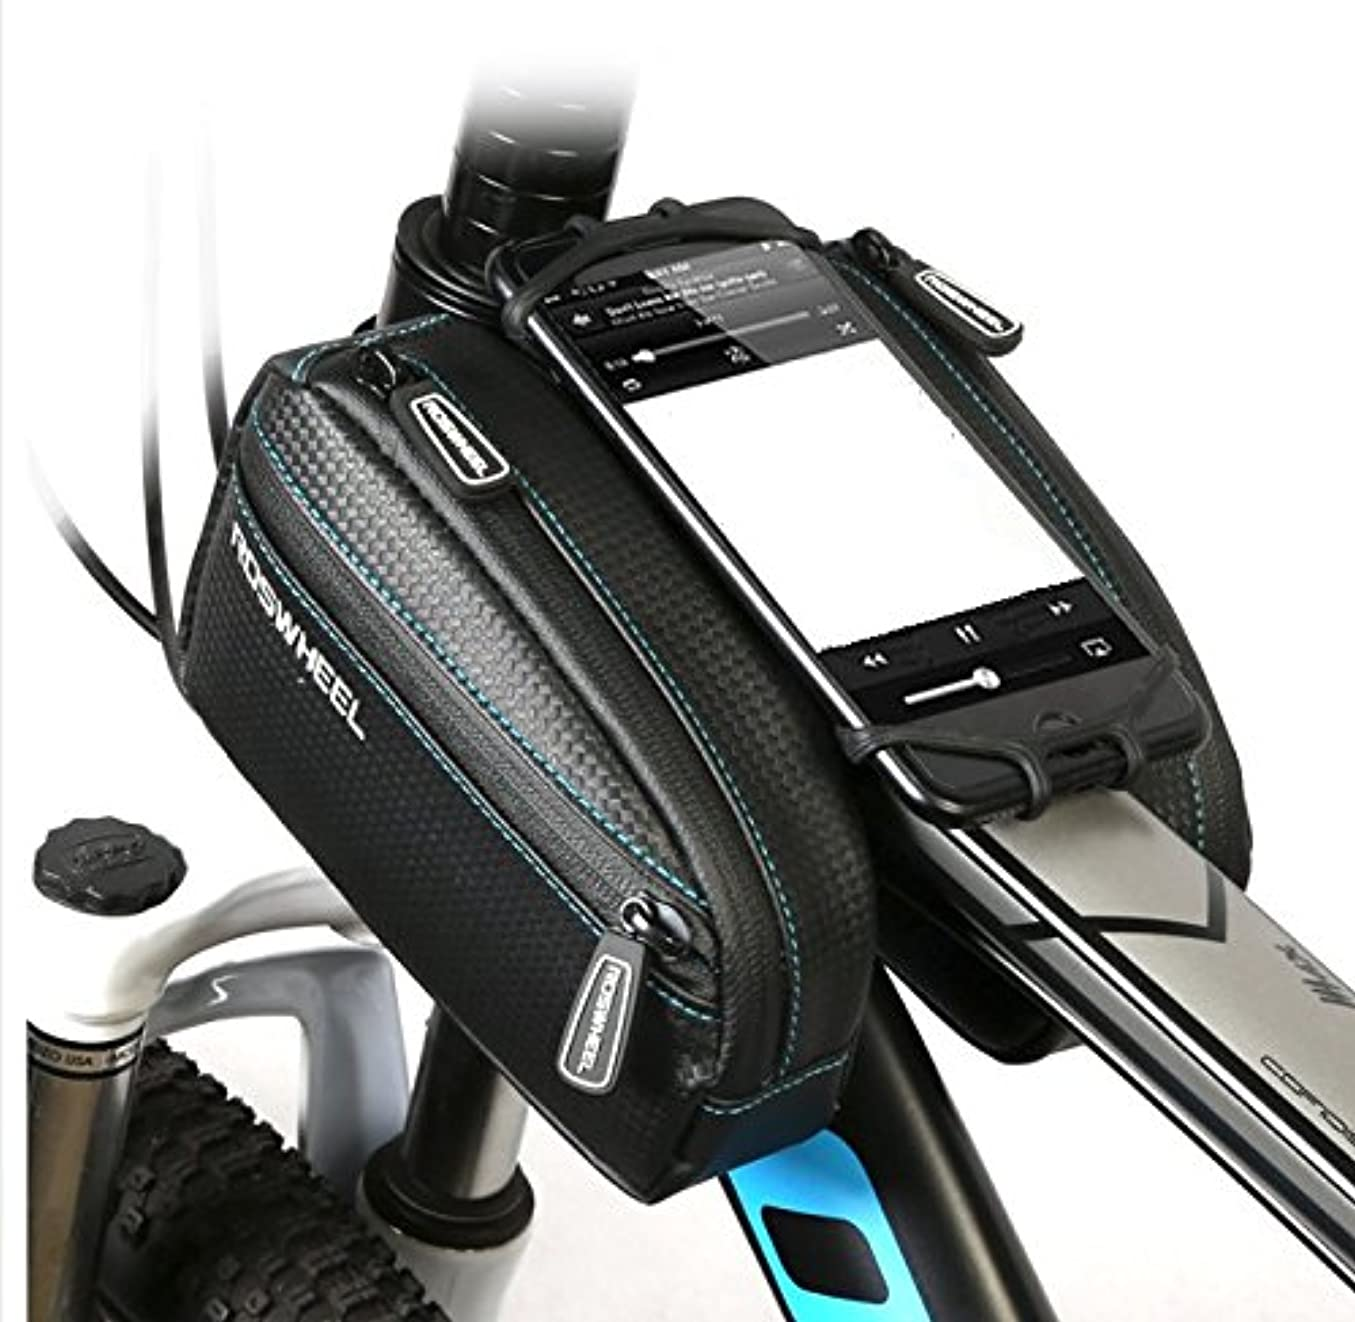 順応性のあるより変数Juscycling カーボンファイバー テクスチャートップ チューブフレームバッグ ポーチ 携帯電話ホルダー 4.2, 4,8,5.5 最大6.7インチのスクリーン ロードバイク MTB サイクリング用 1リットル容量